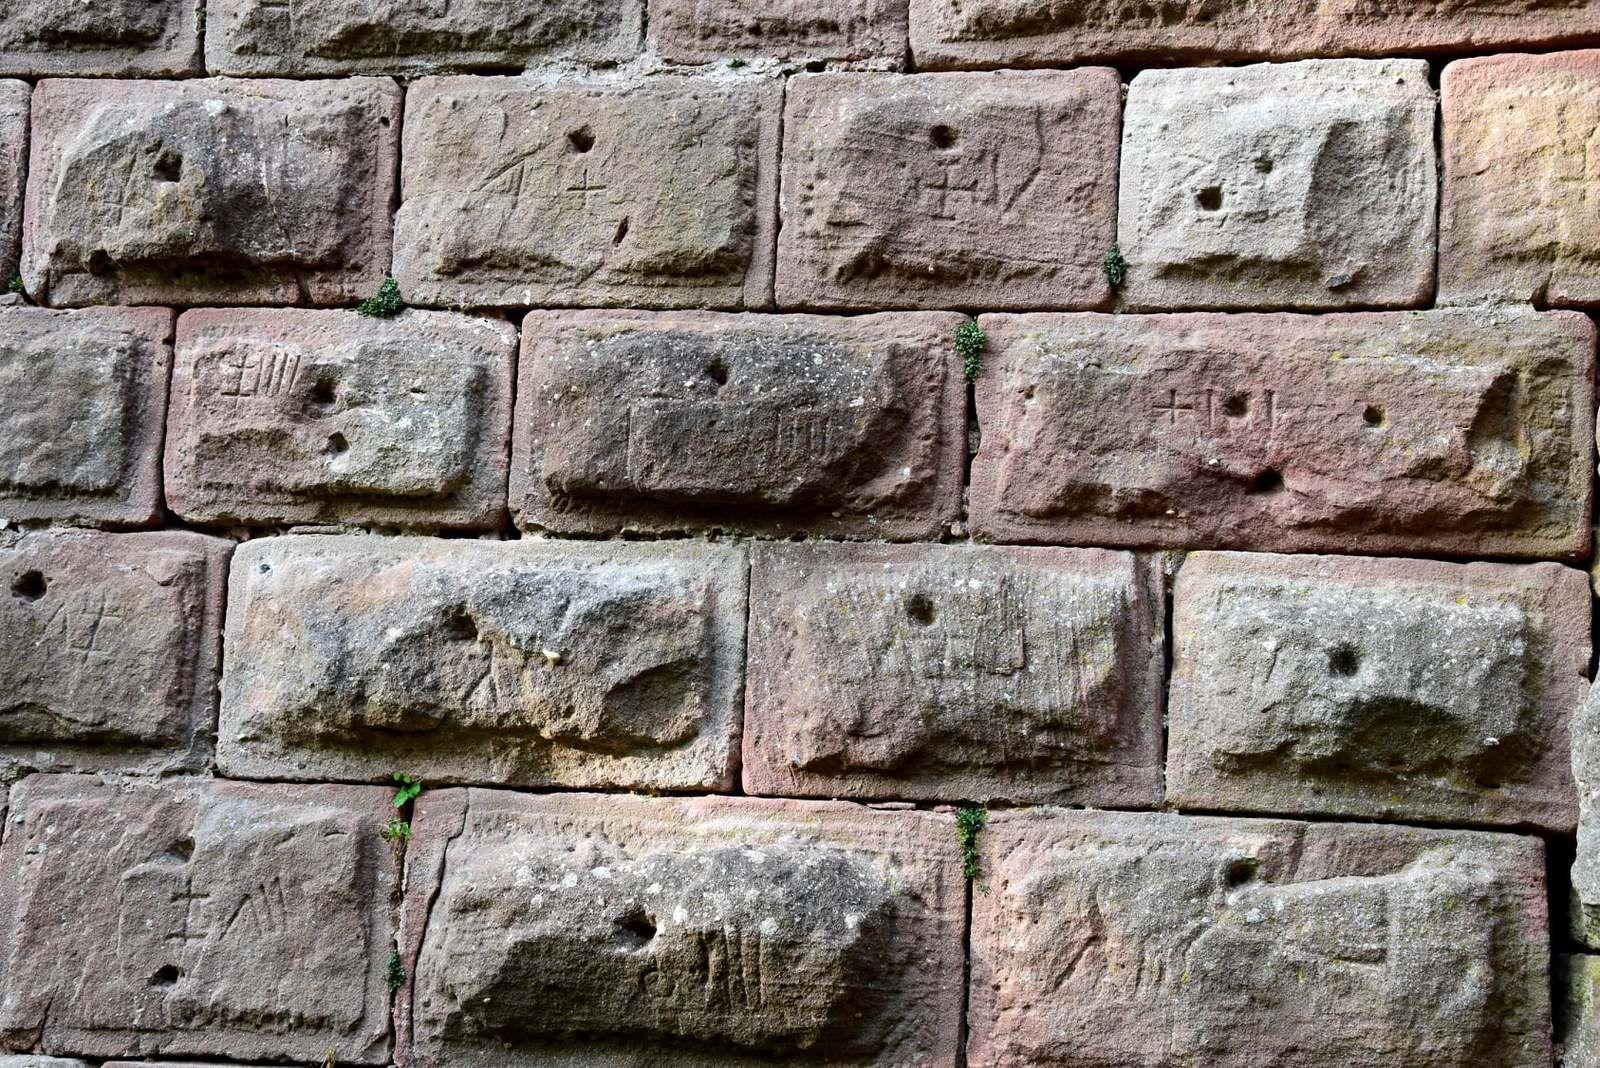 Les pierres à bossages portent d'intéressantes marques lapidaires